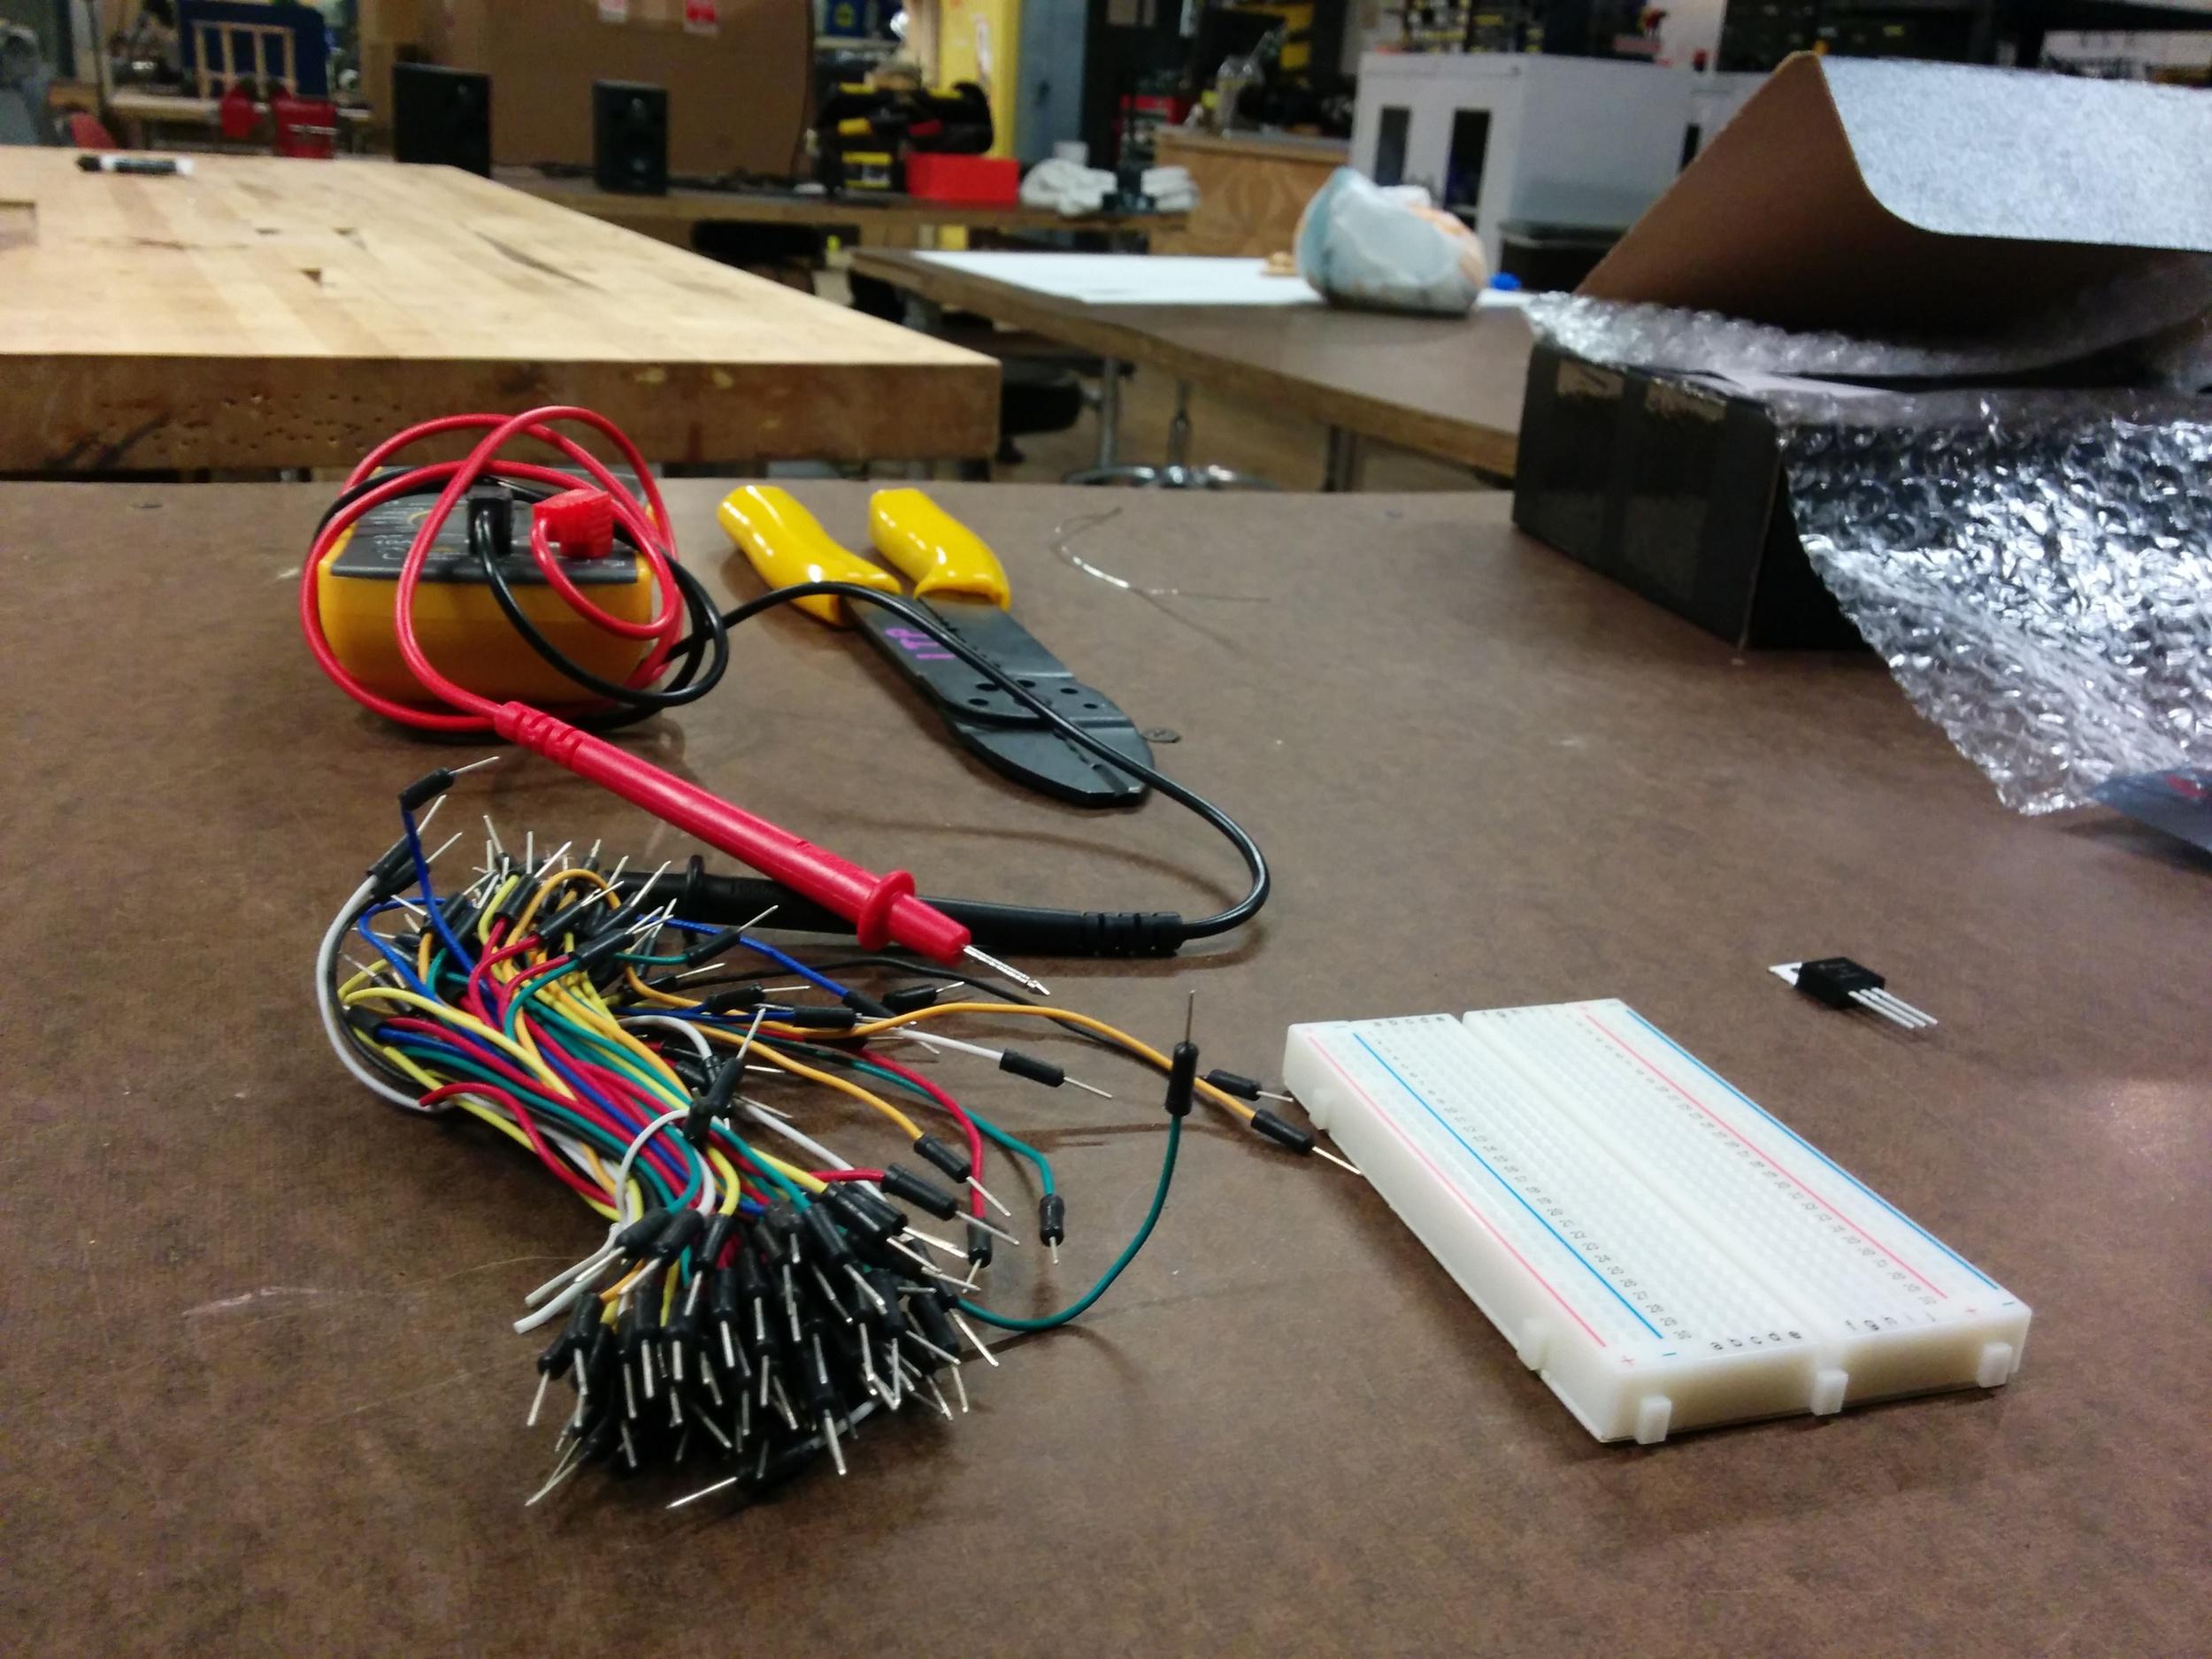 Materials for it - wires, breadboard, wire stripper, multimeter, voltage regulator